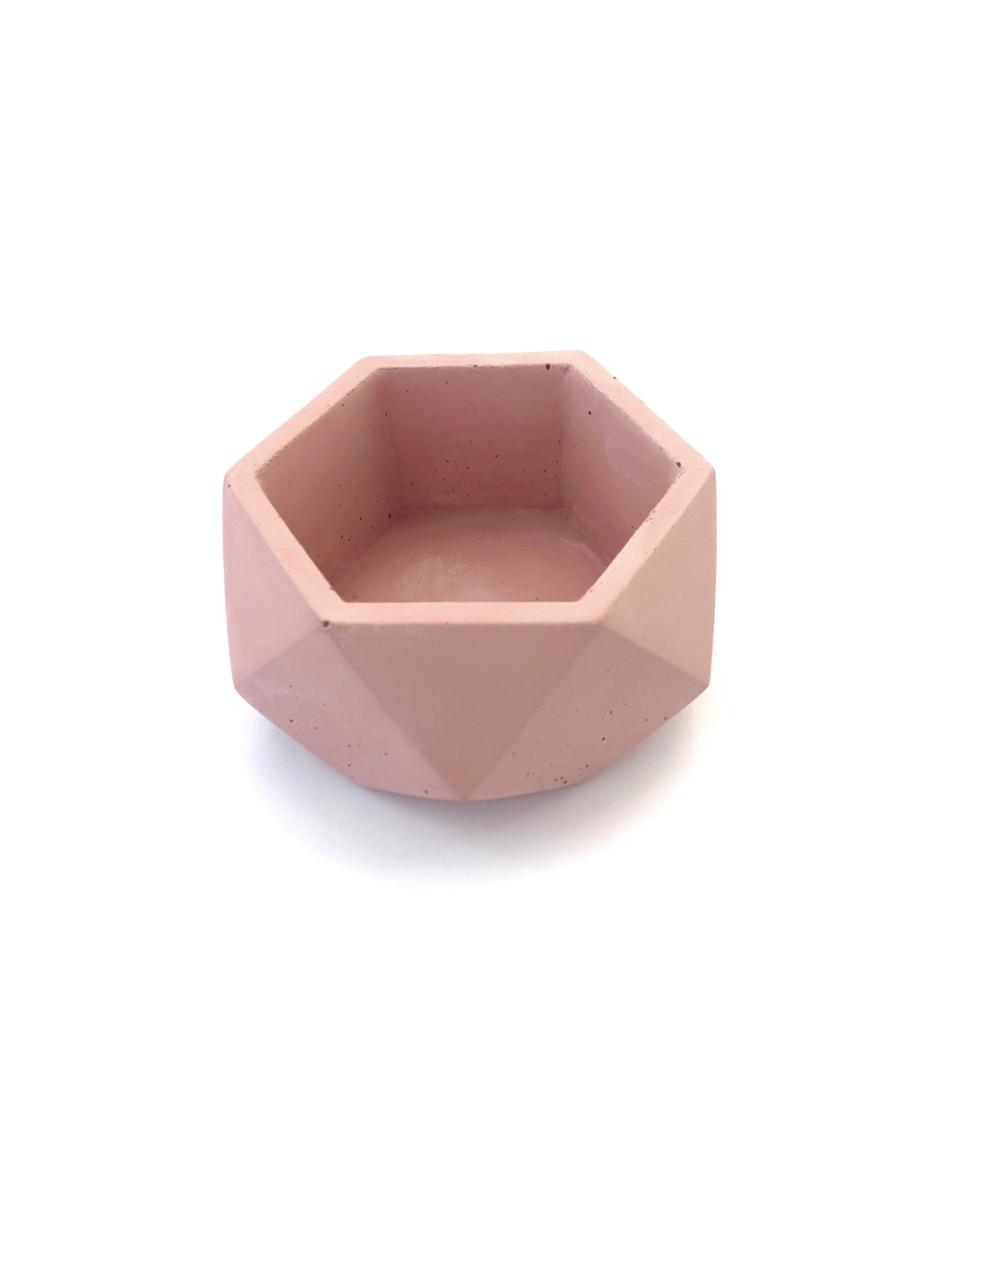 Бетонный горшок Decoline v-125 мл. (розовый) B1002-4